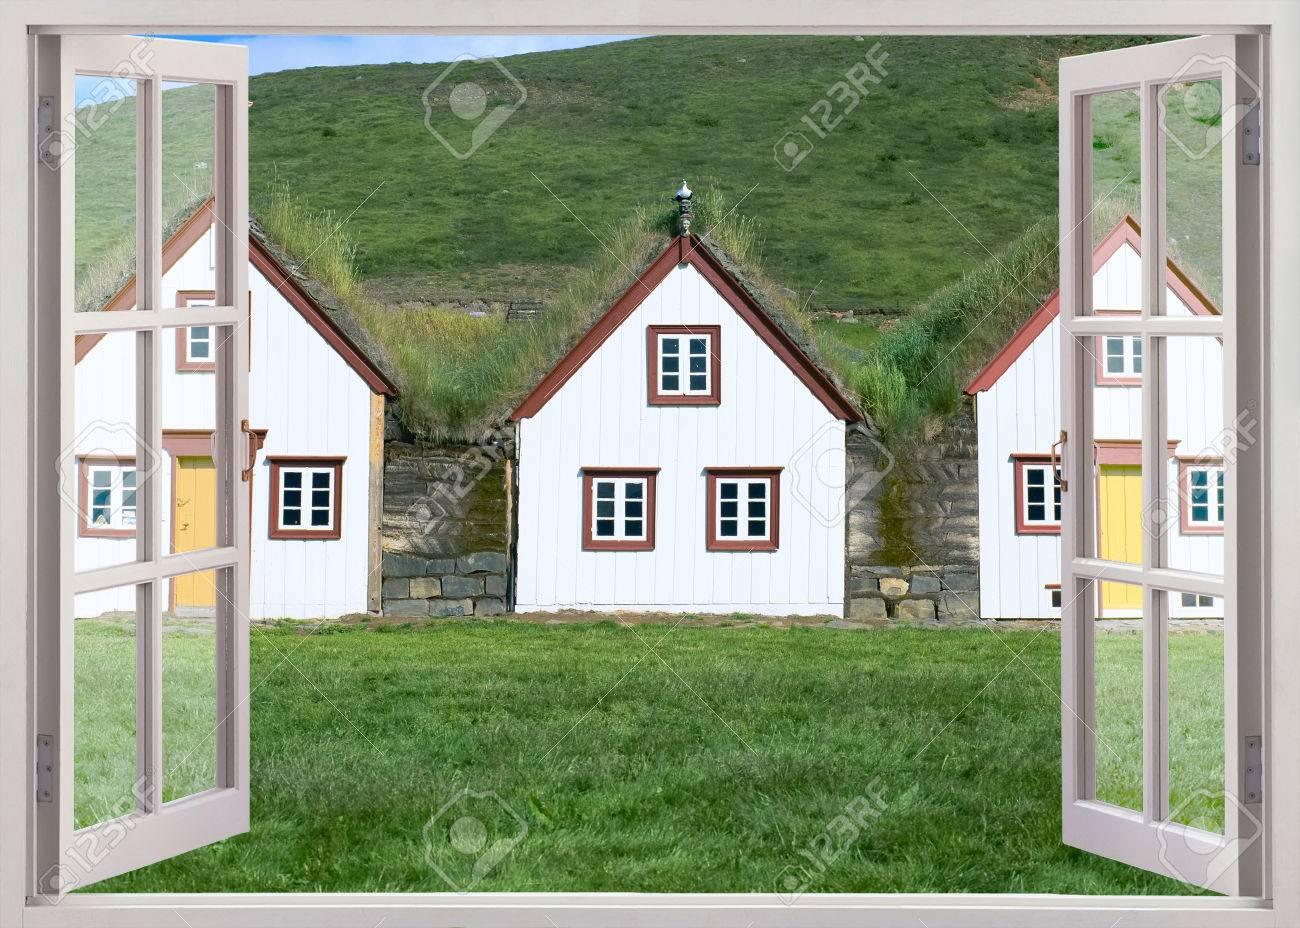 Banque Du0027images   Ouvrir La Fenêtre Sur Les Maisons De Gazon Au Musée  Folklorique De Glaumbaer, En Islande